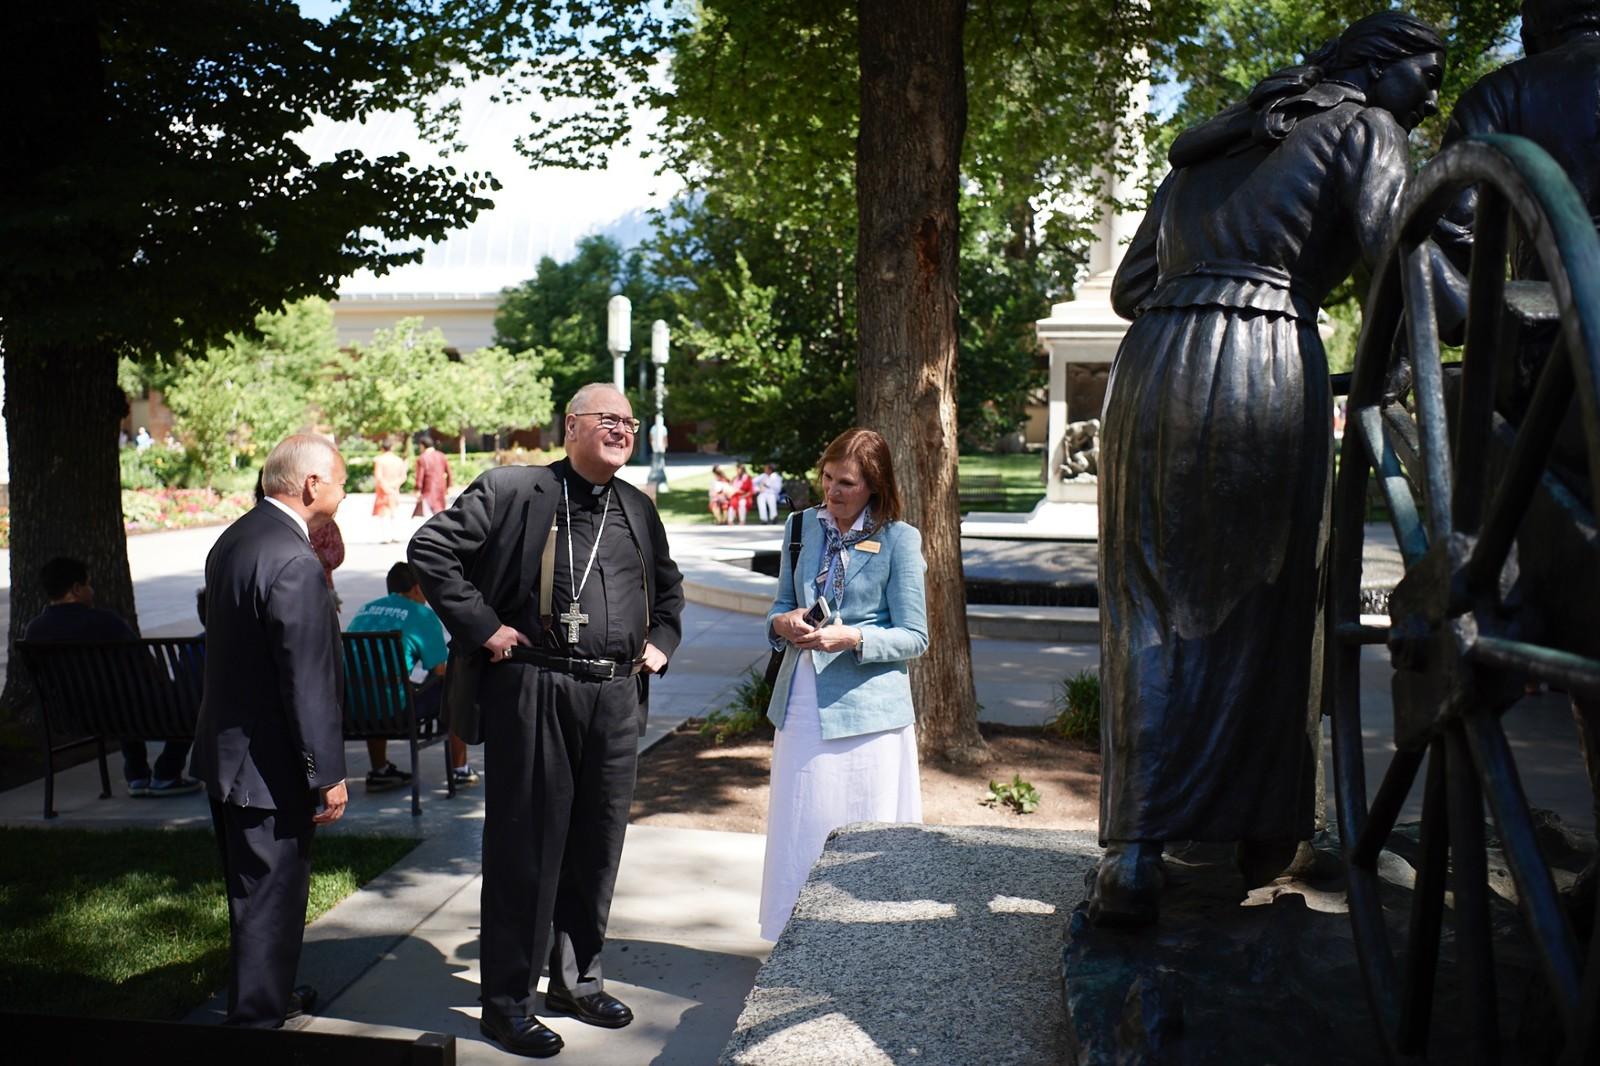 lider católico en la manzana del Templo